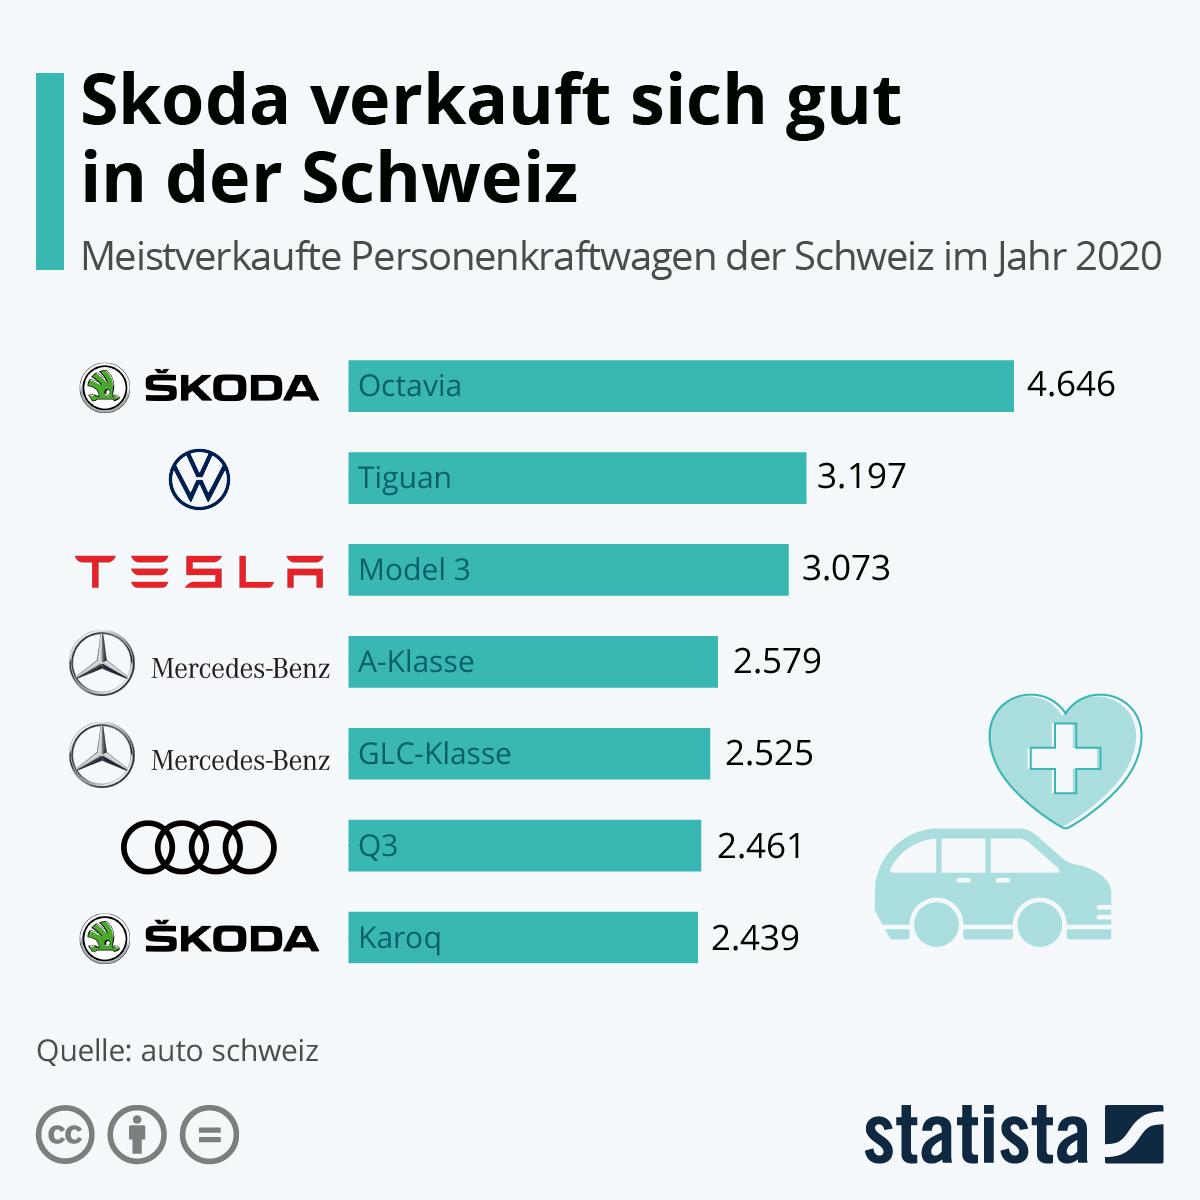 Infografik: Skoda verkauft sich gut in der Schweiz | Statista